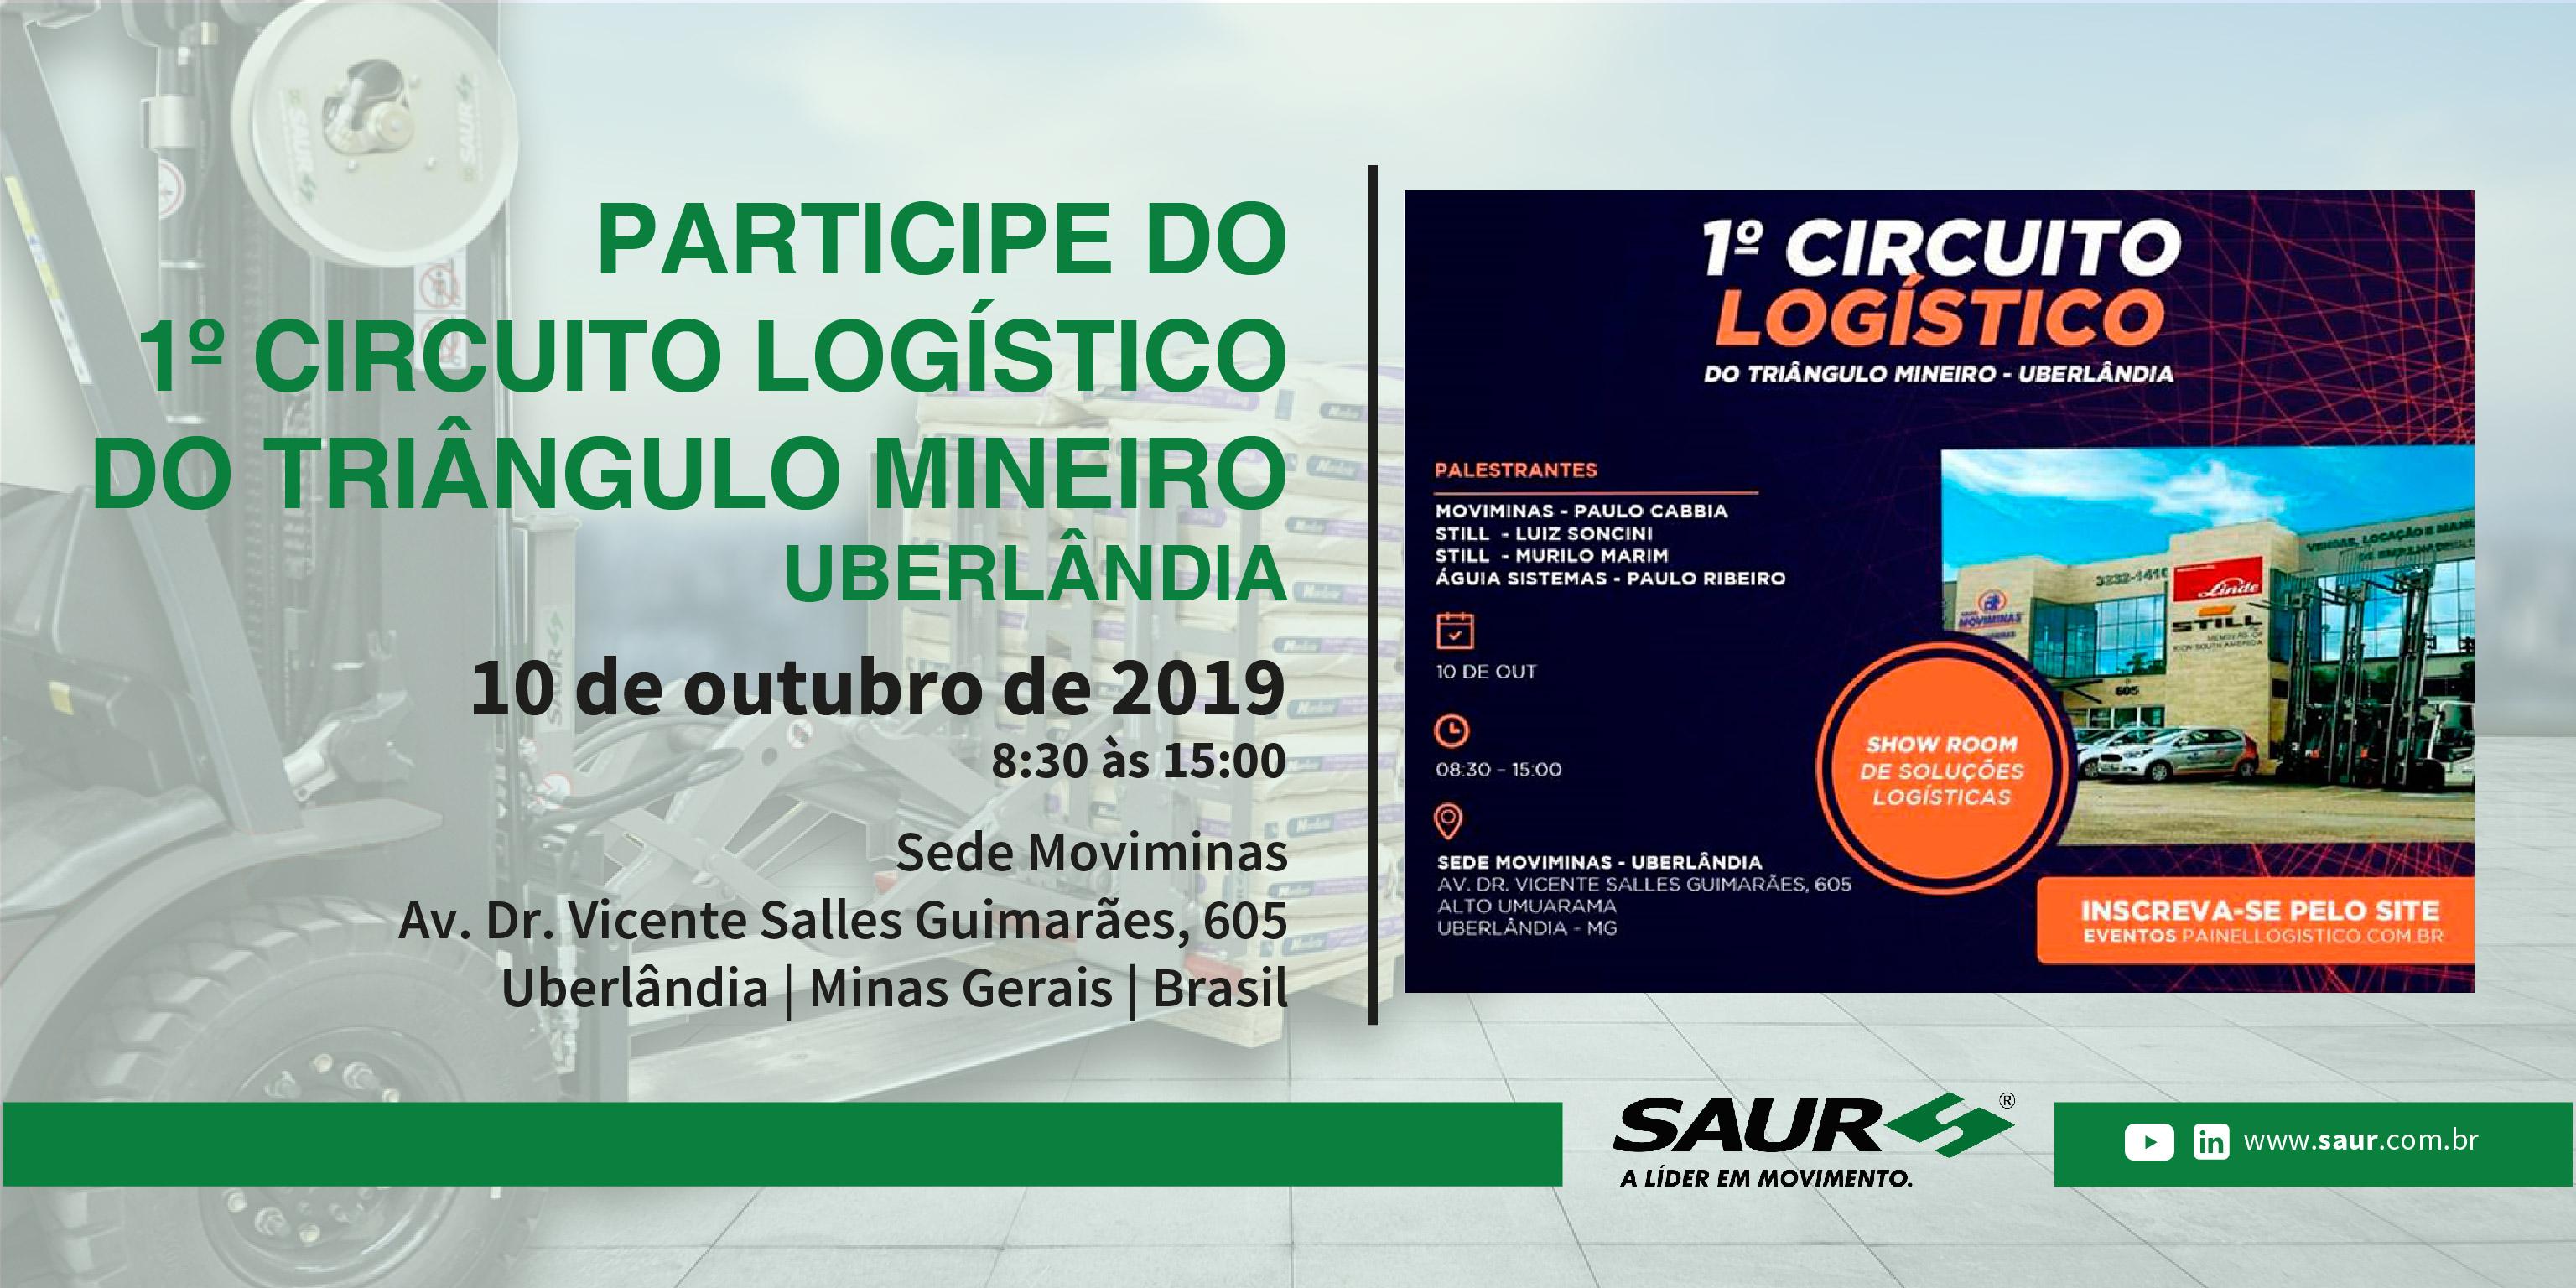 PARTICIPE DO 1º CIRCUITO LOGÍSTICO DO TRIÂNGULO MINEIRO